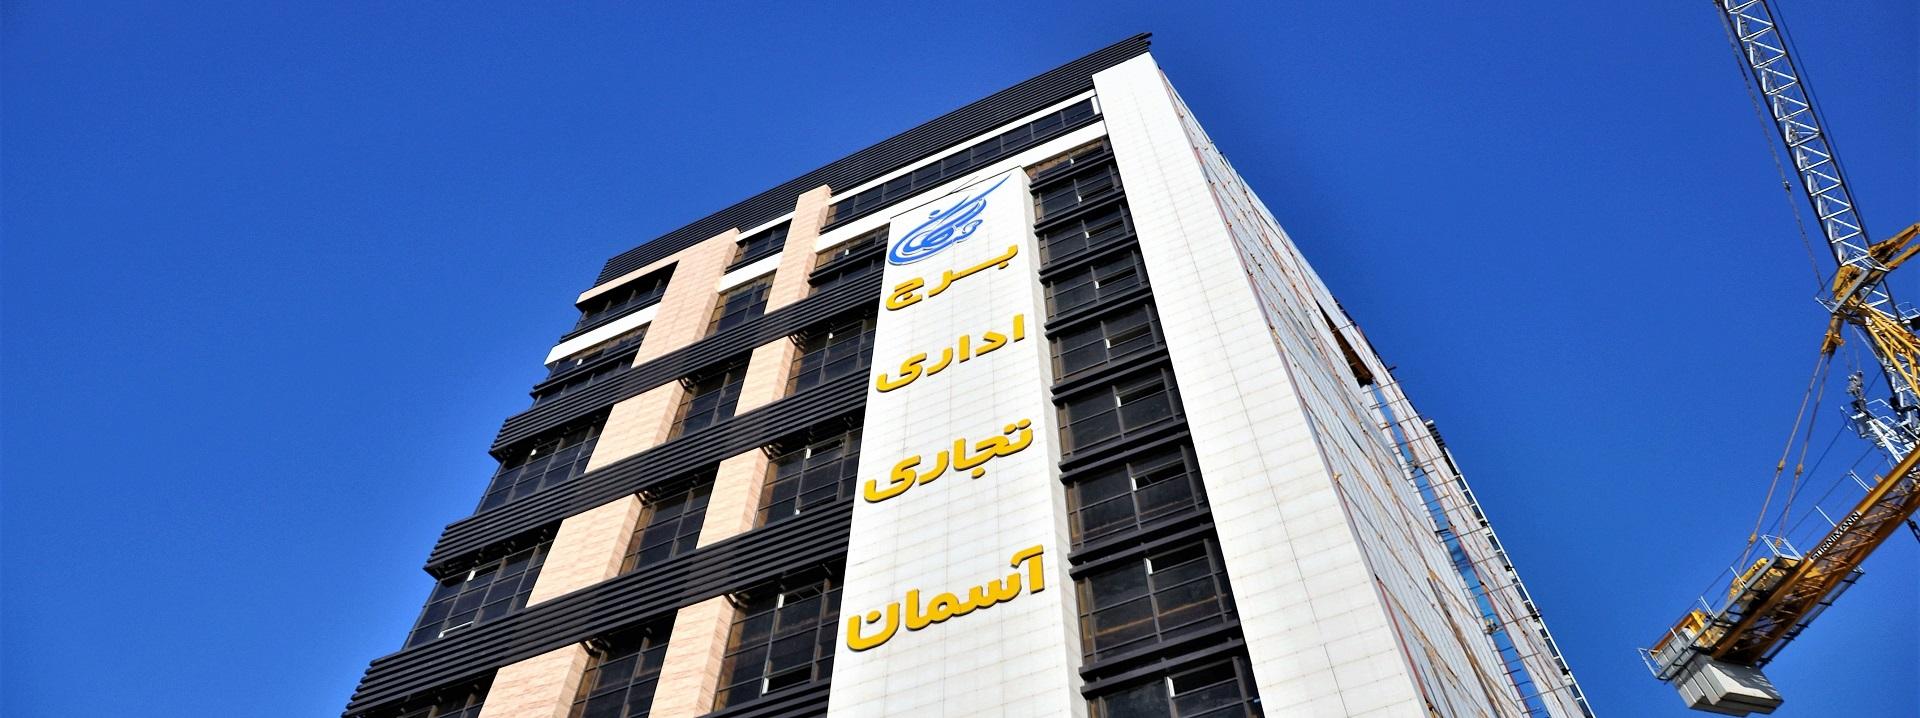 برج اداری تجاری آسمان